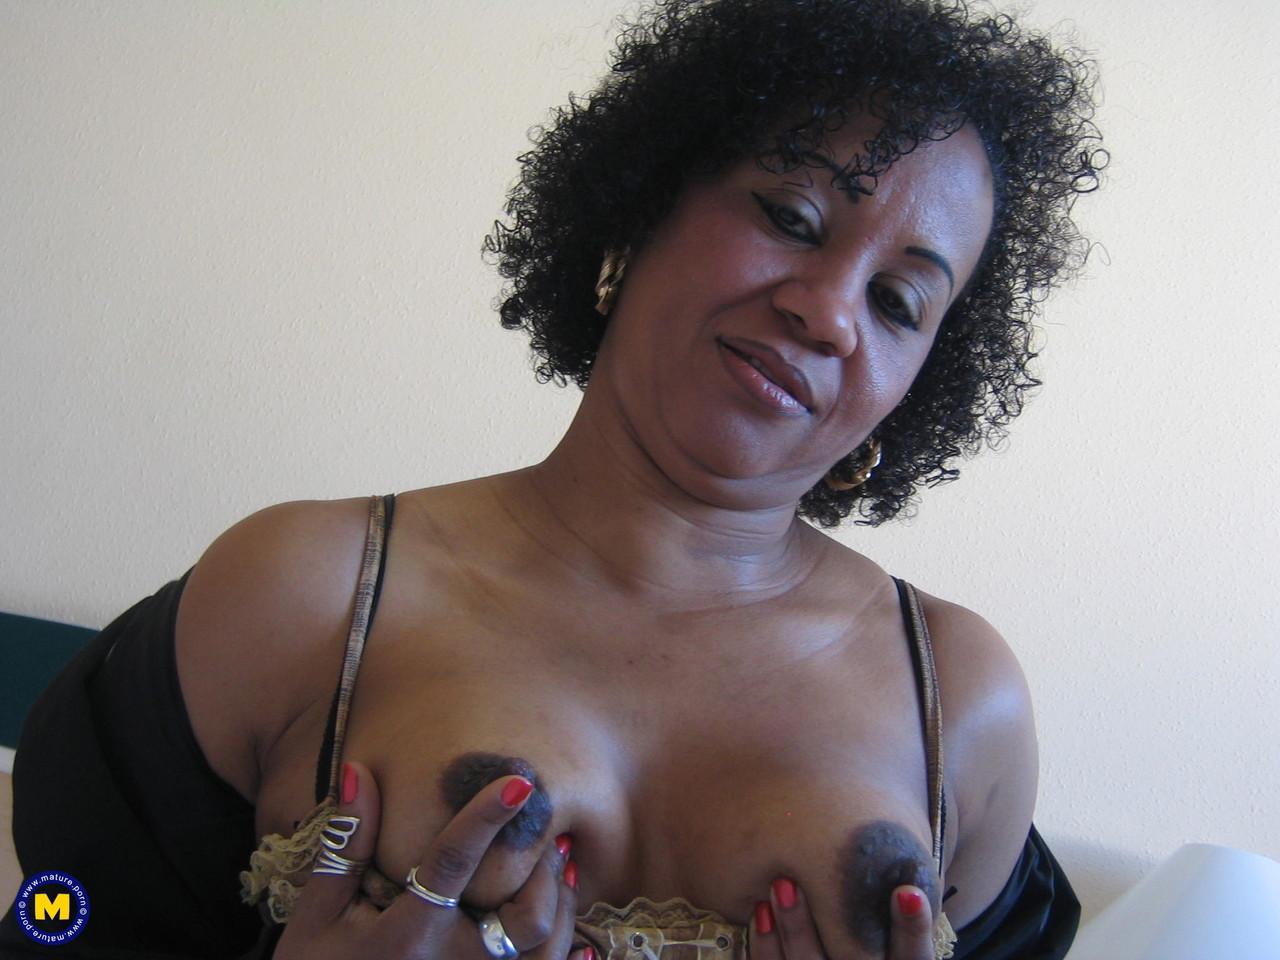 Рукоблудие негритянской бабы 50+. Фото - 2